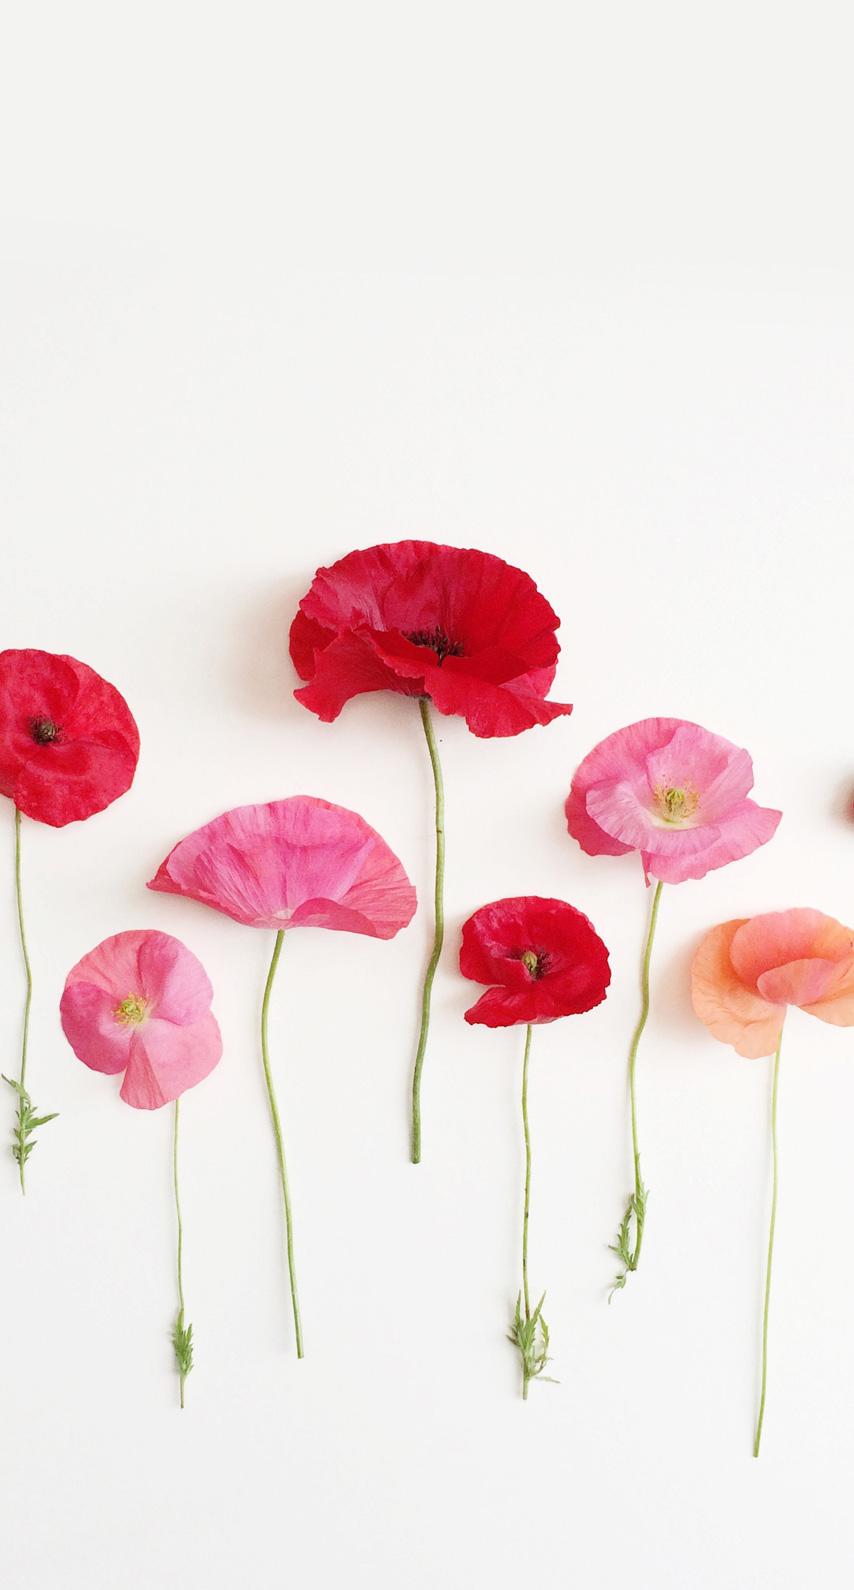 romantic, flowers